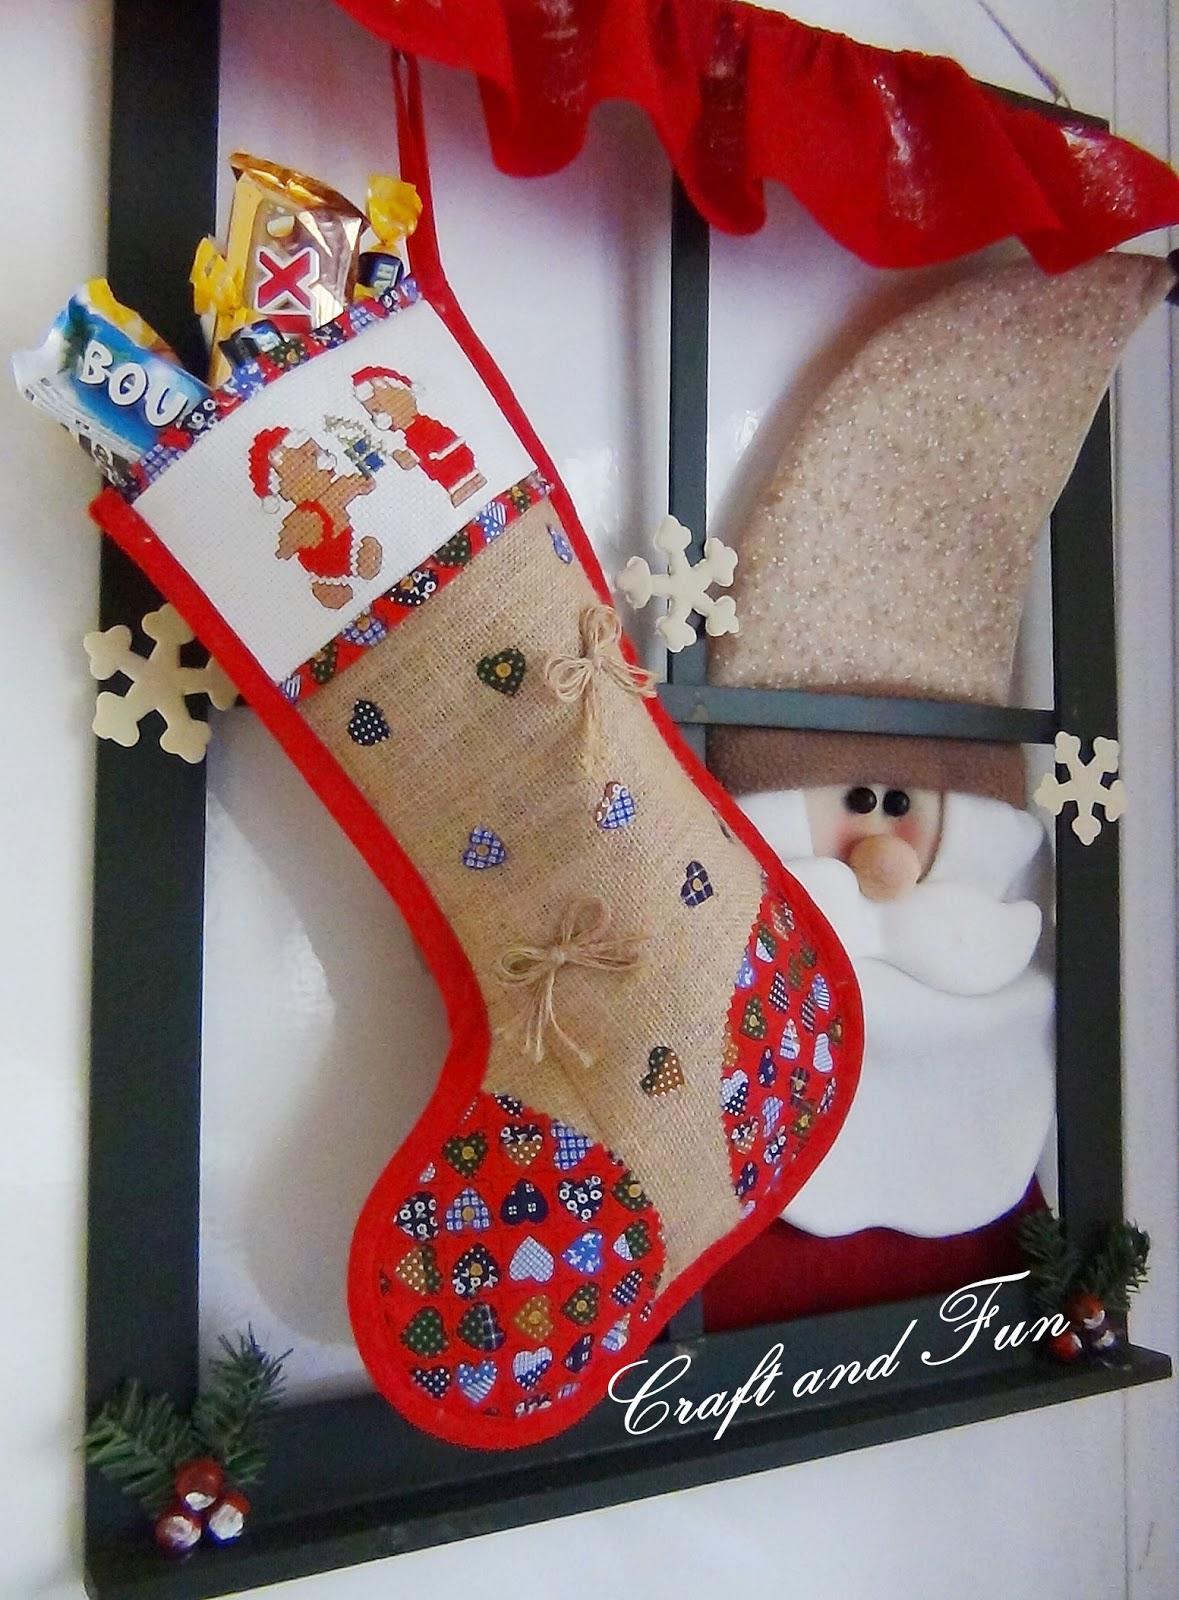 natale | riciclo creativo - craft and fun - Calze Della Befana Originali